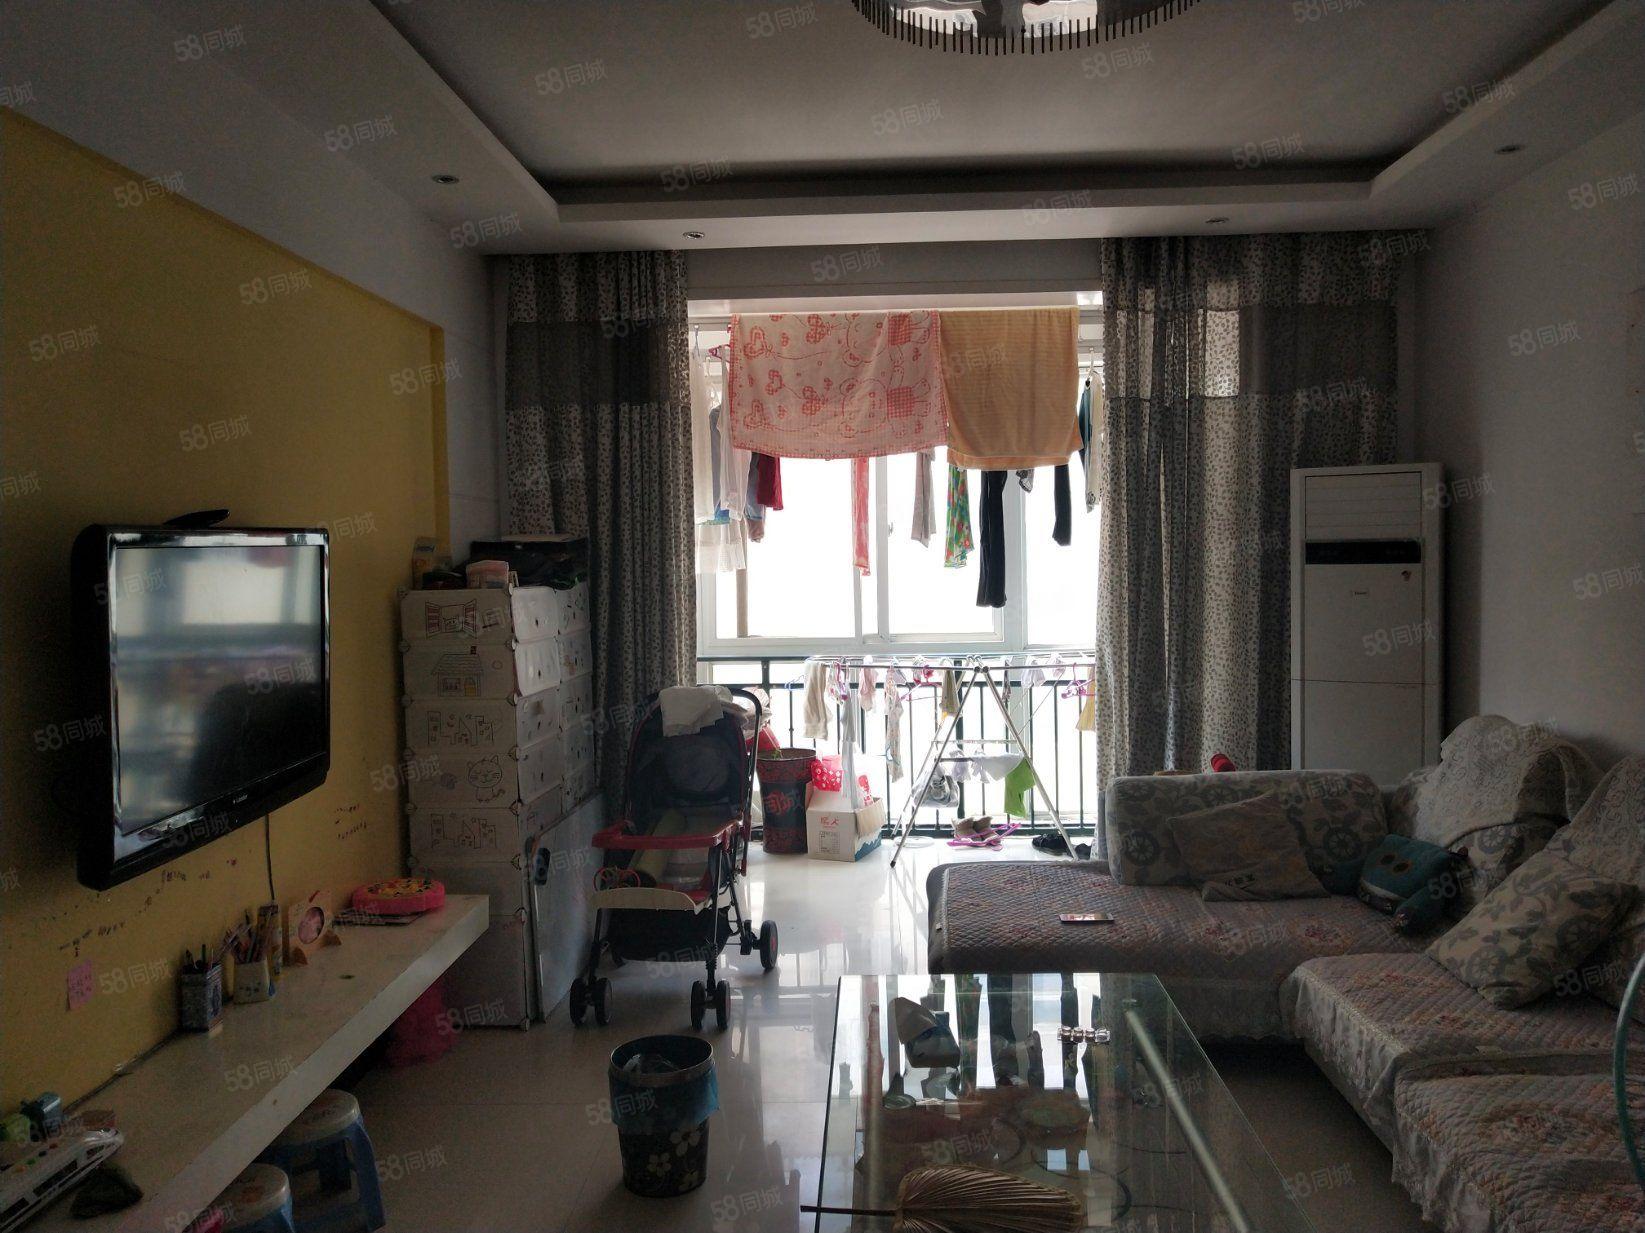 景秀北城精装2房拎包入住可分期送车位